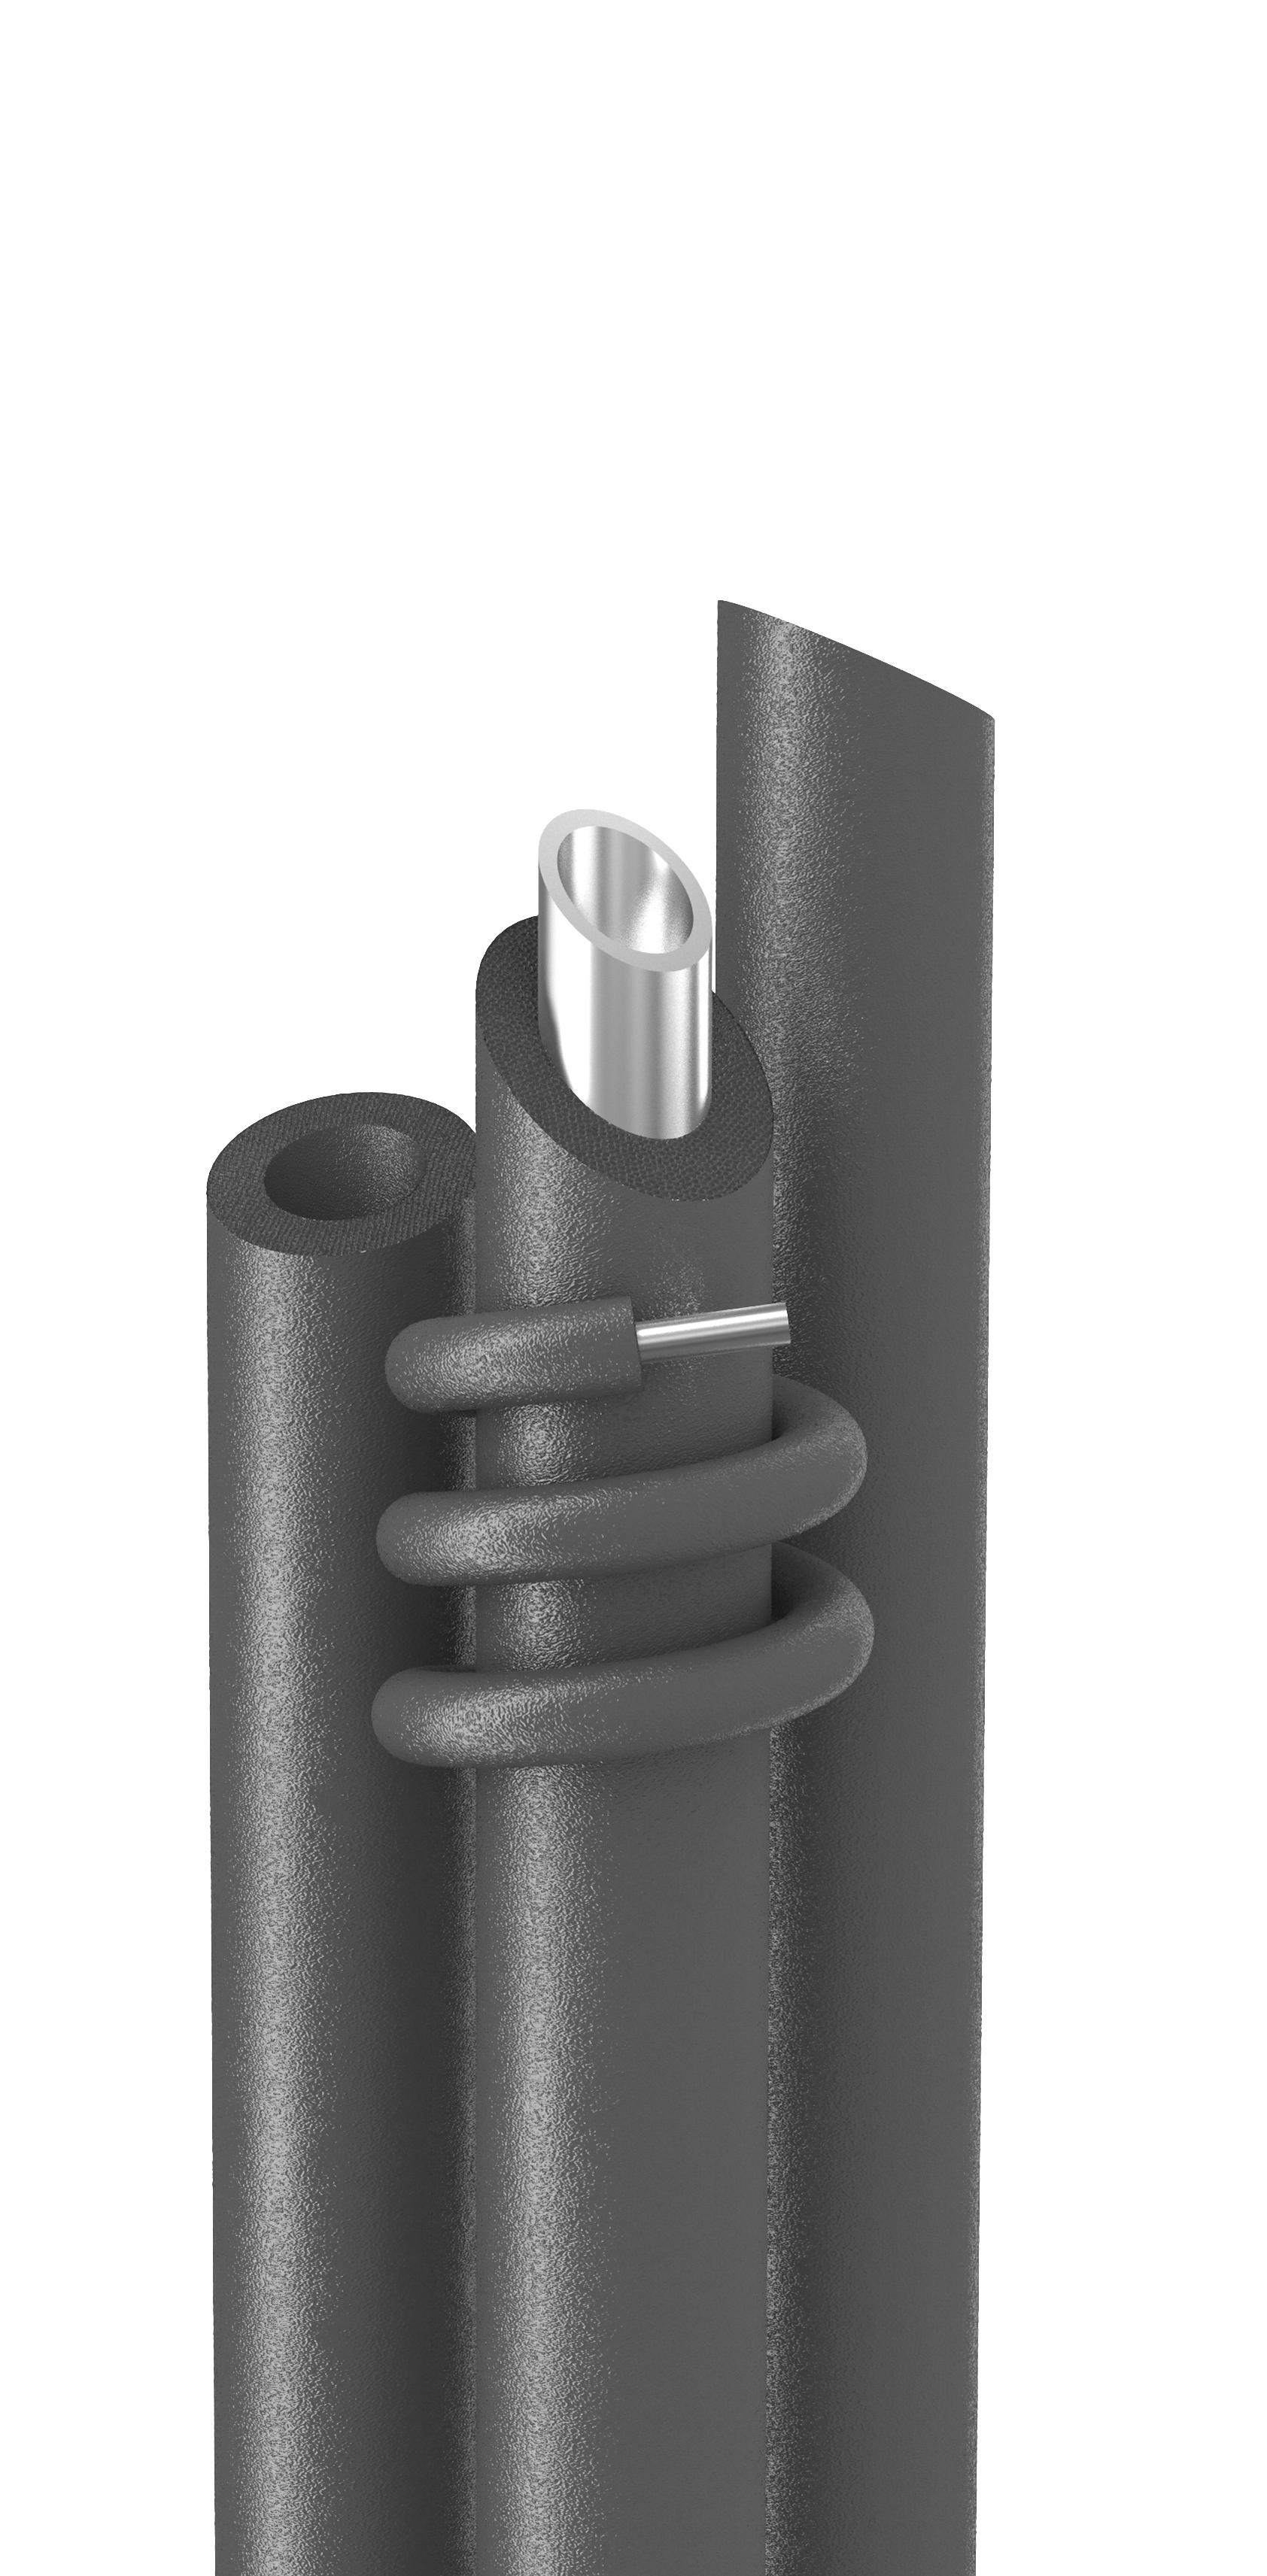 Трубки Energoflex толщ.9мм диам.48